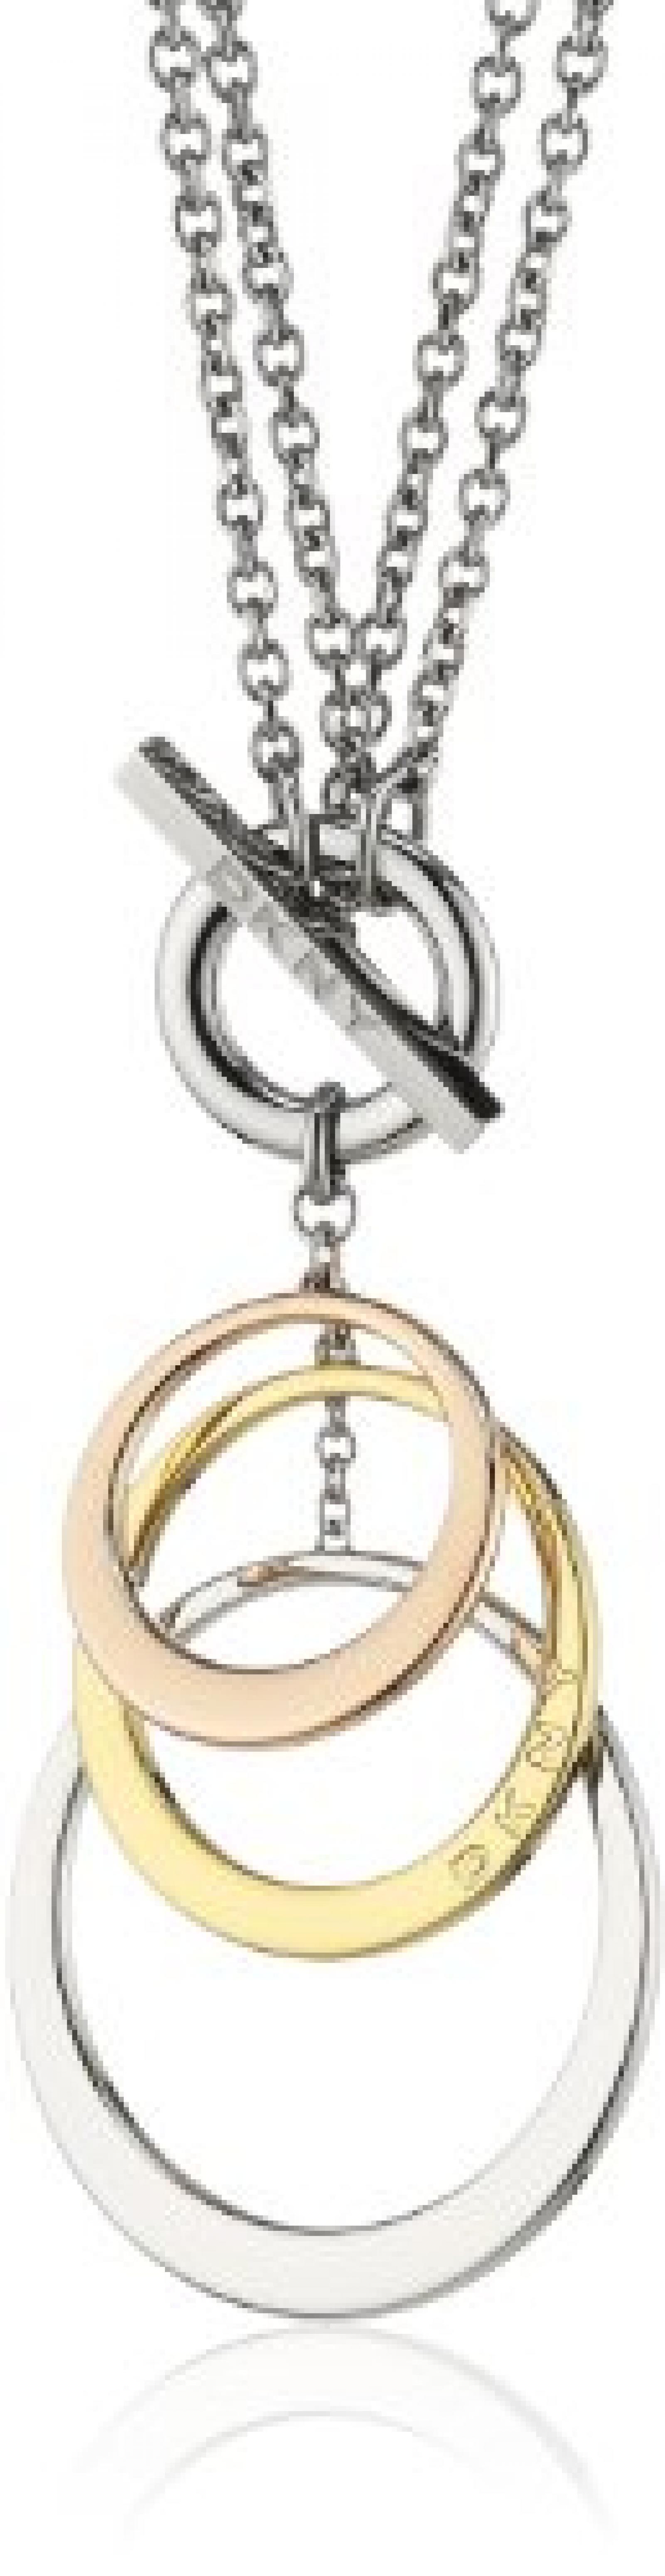 DKNY Damen-Halskette Edelstahl Ohne 3-farbig, silber,gold, roségold NJ1825040